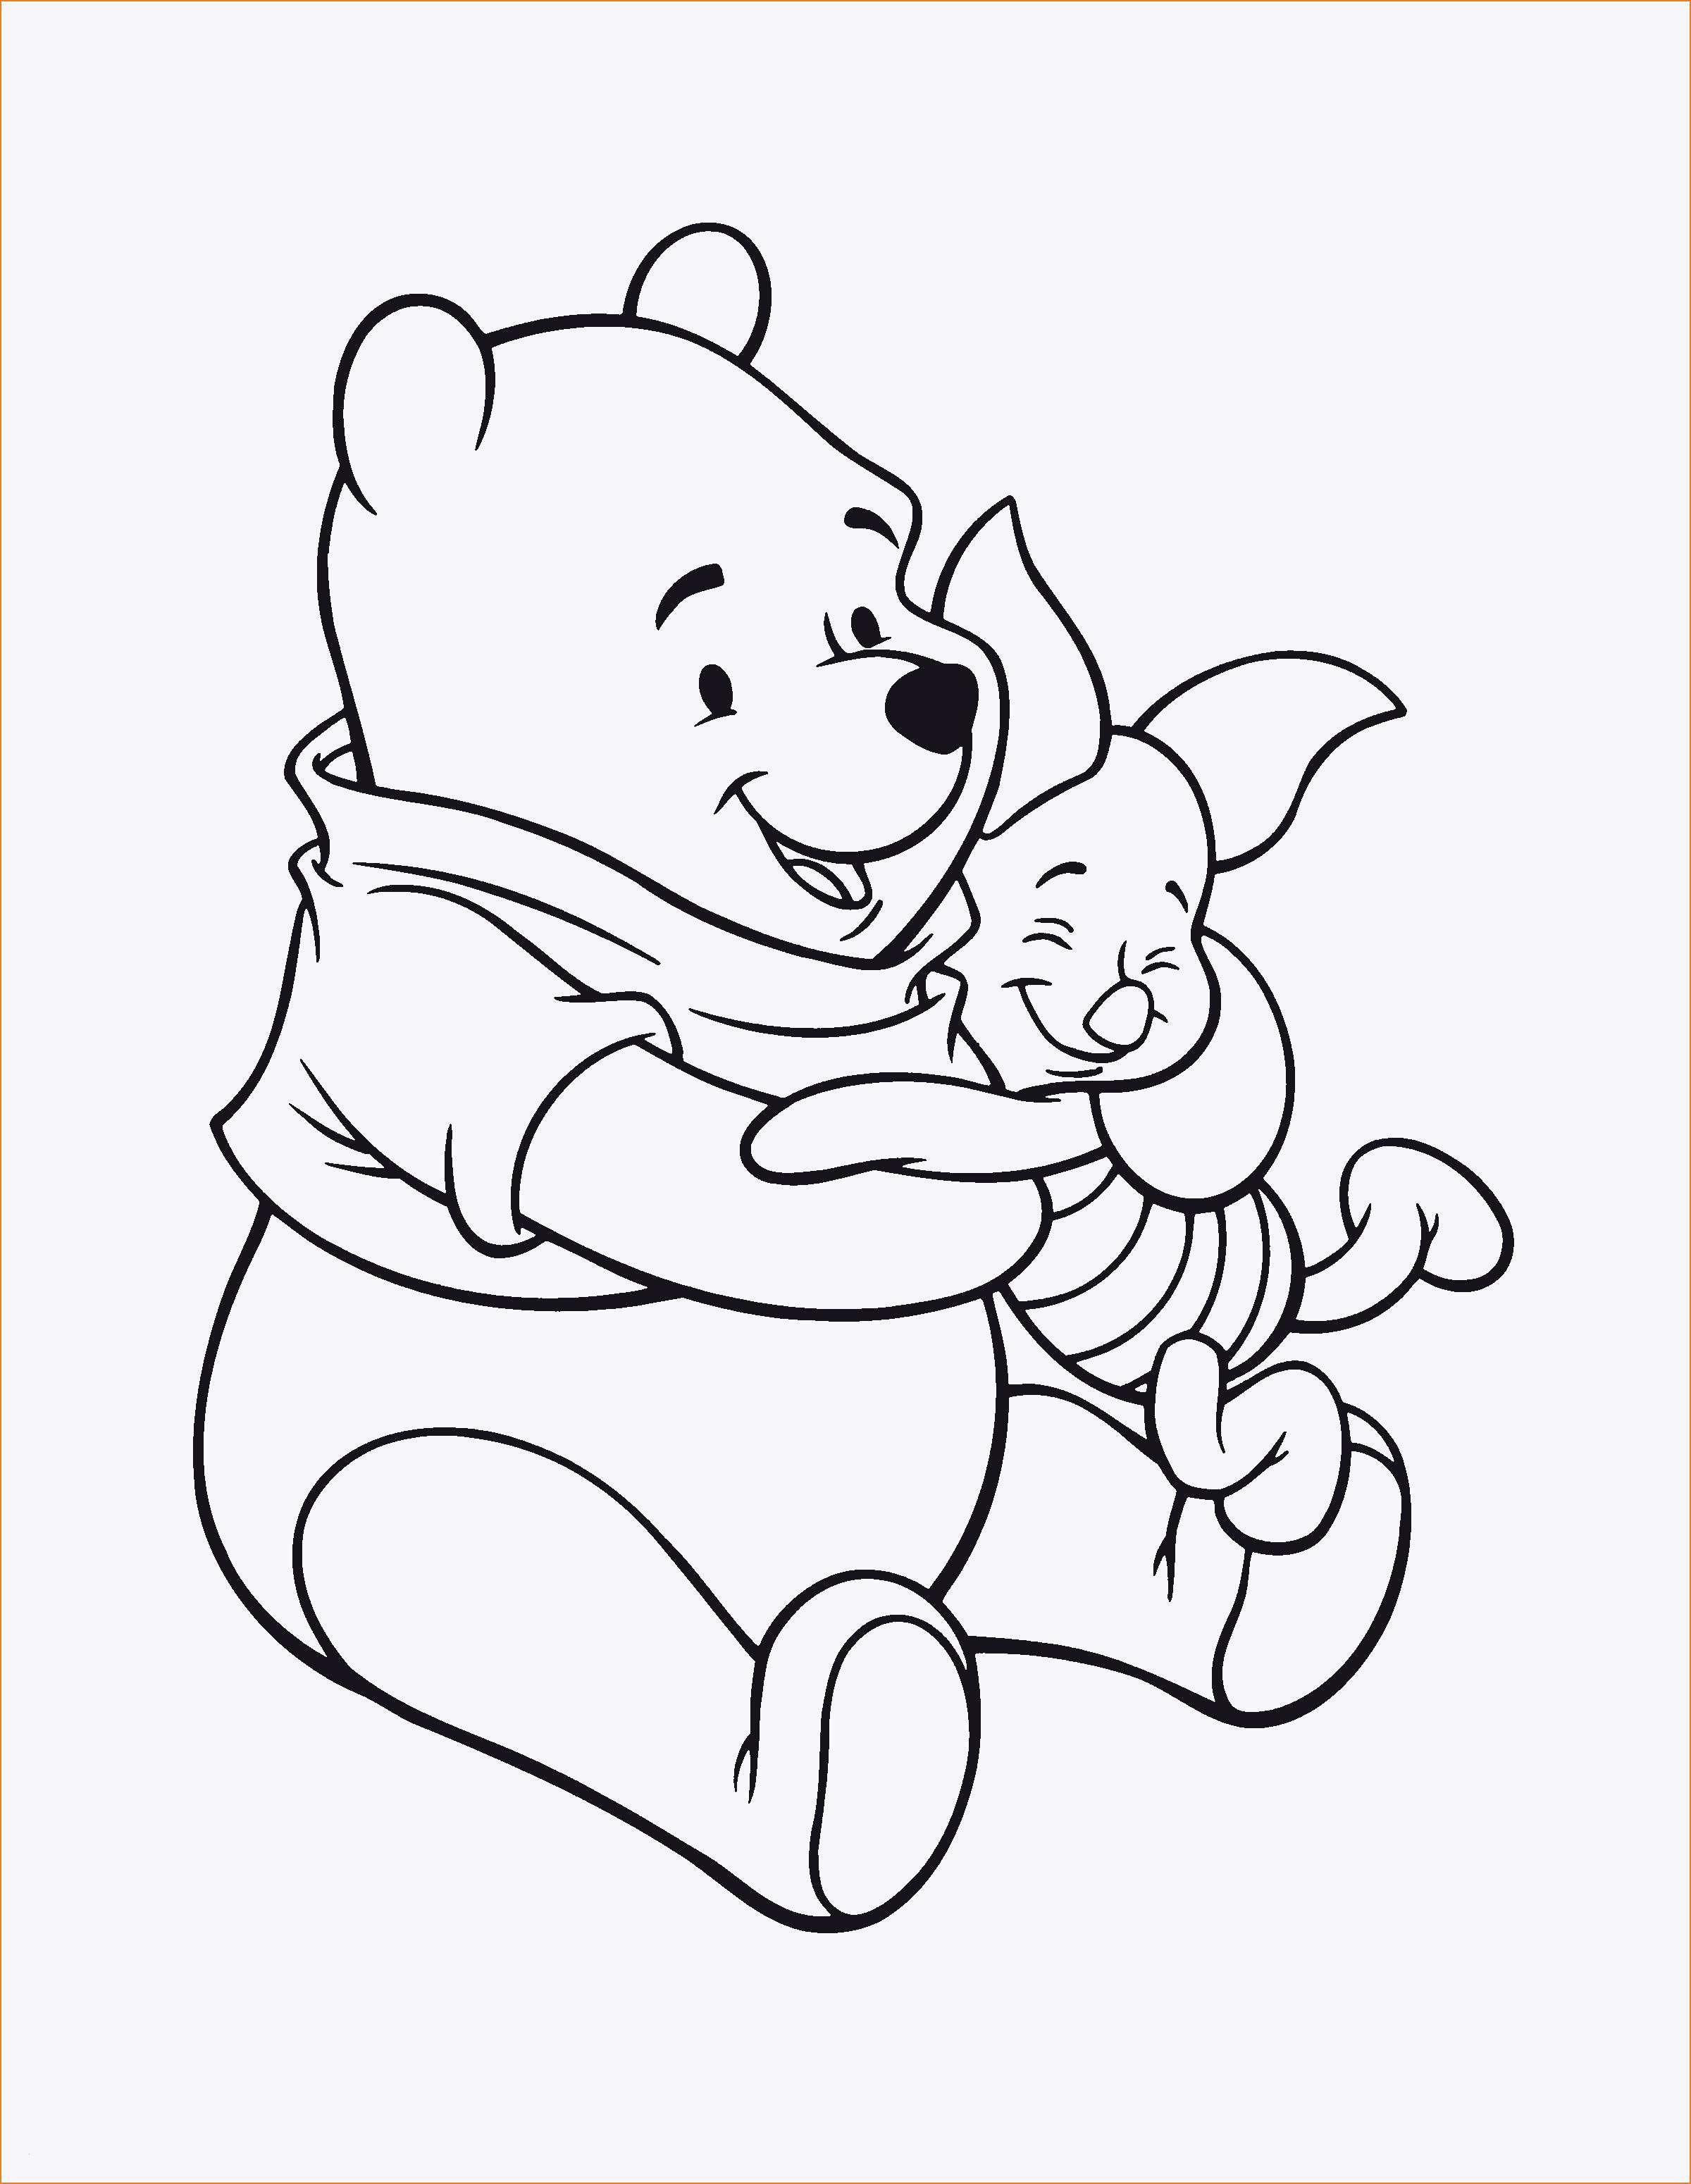 Ausmalbilder Winnie Pooh Einzigartig Ausmalbilder Winnie Puuh Frisch Ausmalbilder Winnie Puuh Bild